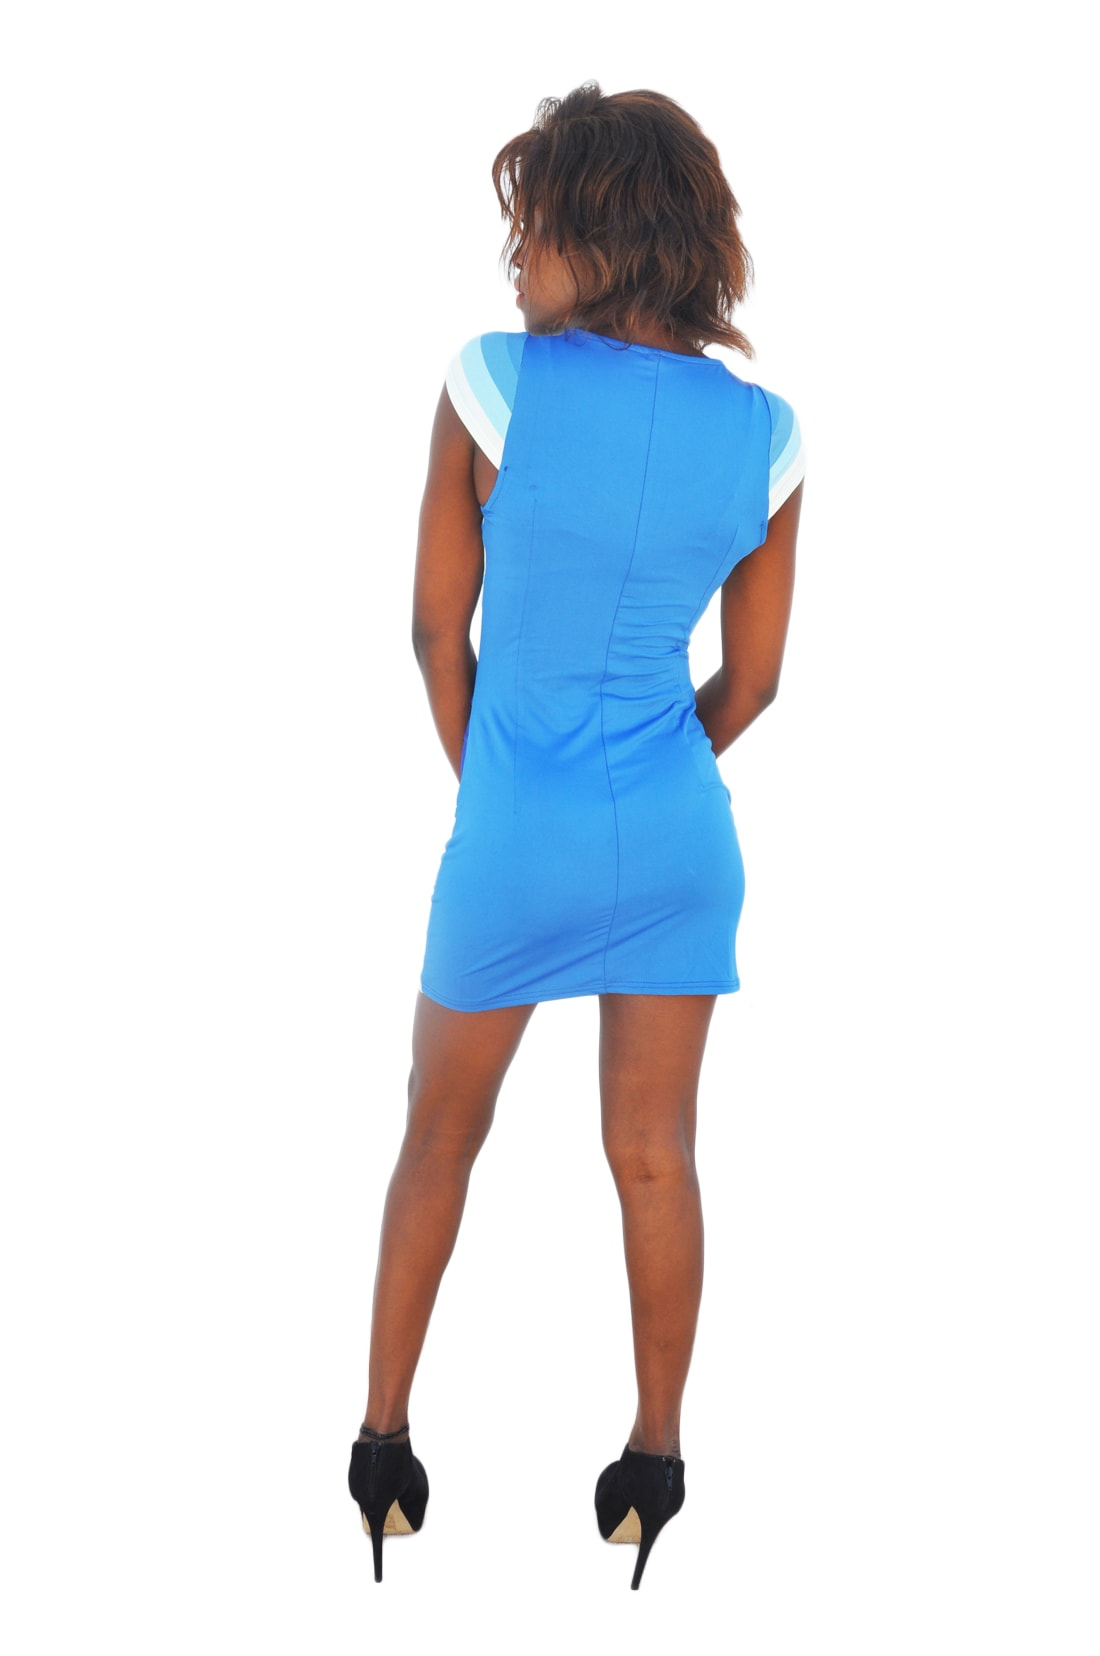 M0203 blue3 Party Dresses maureens.com boutique